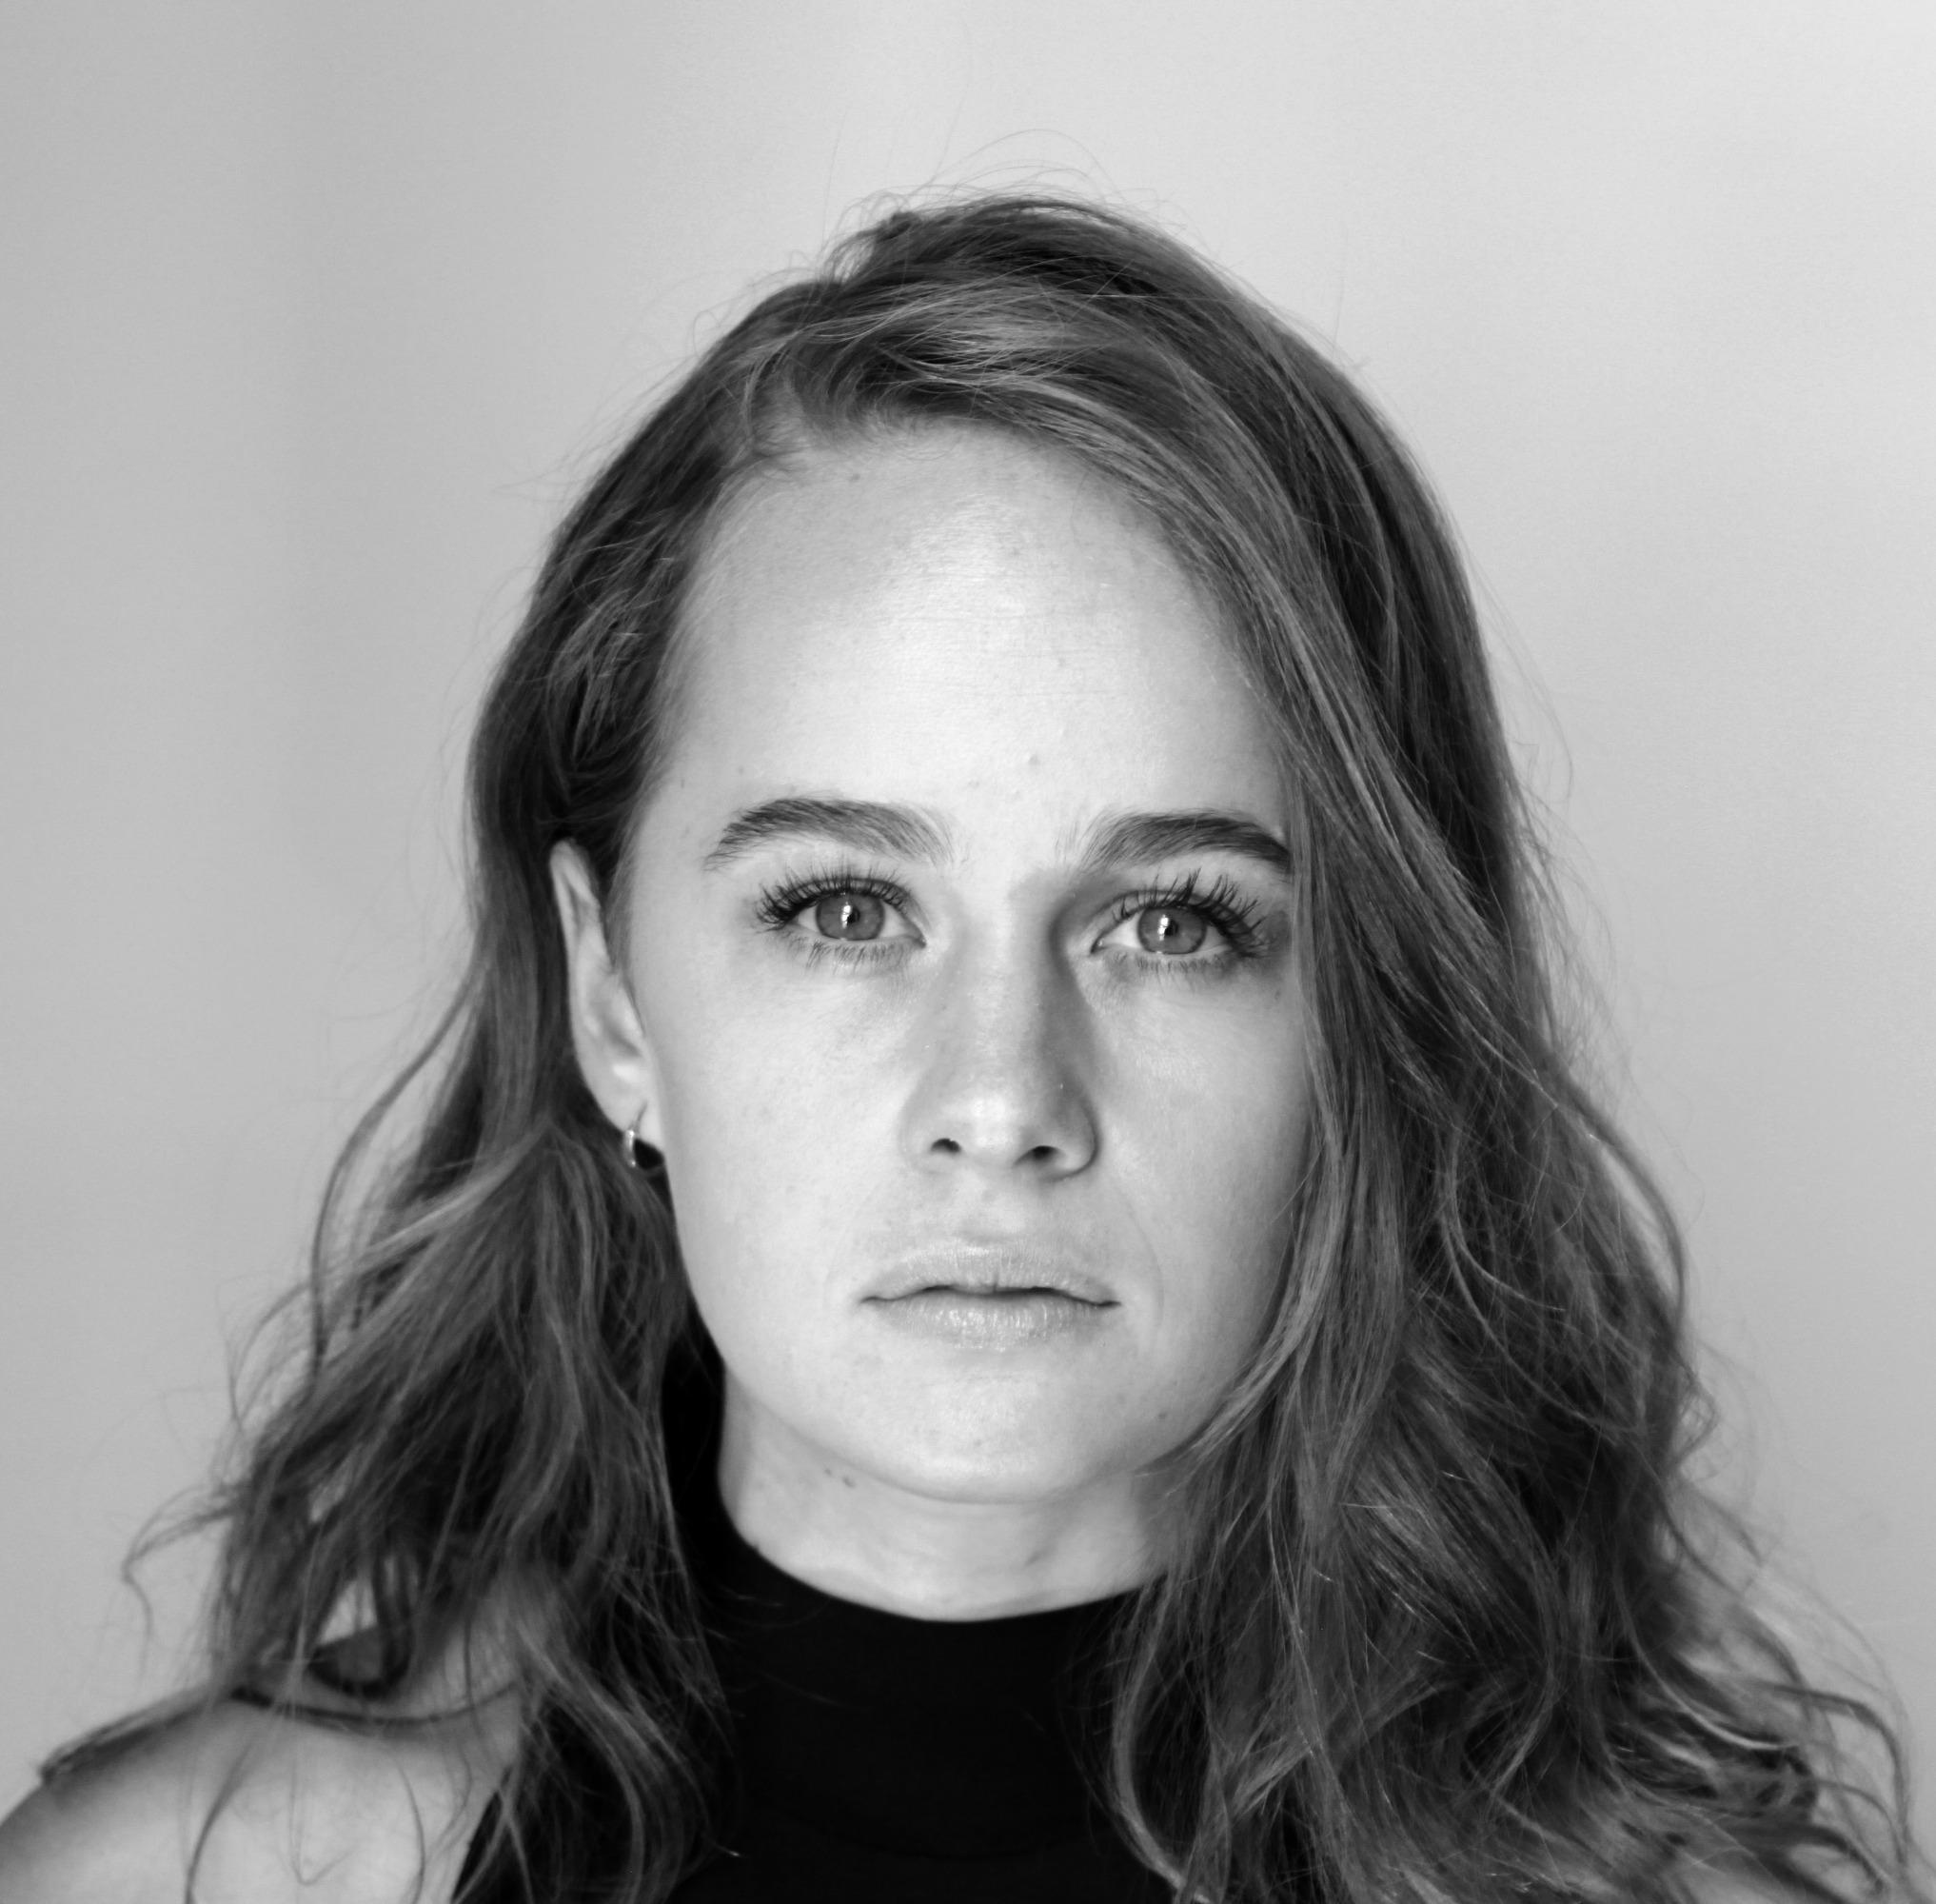 Breanna Skewes